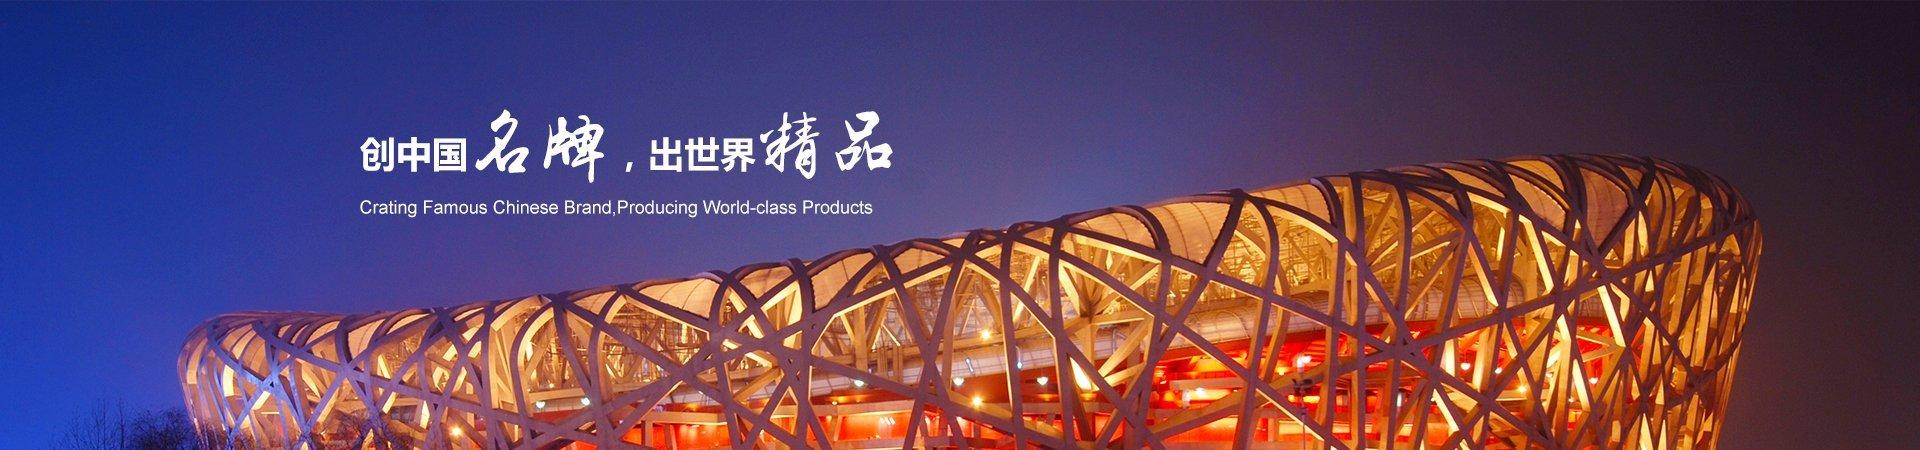 创中国名牌出世界精品